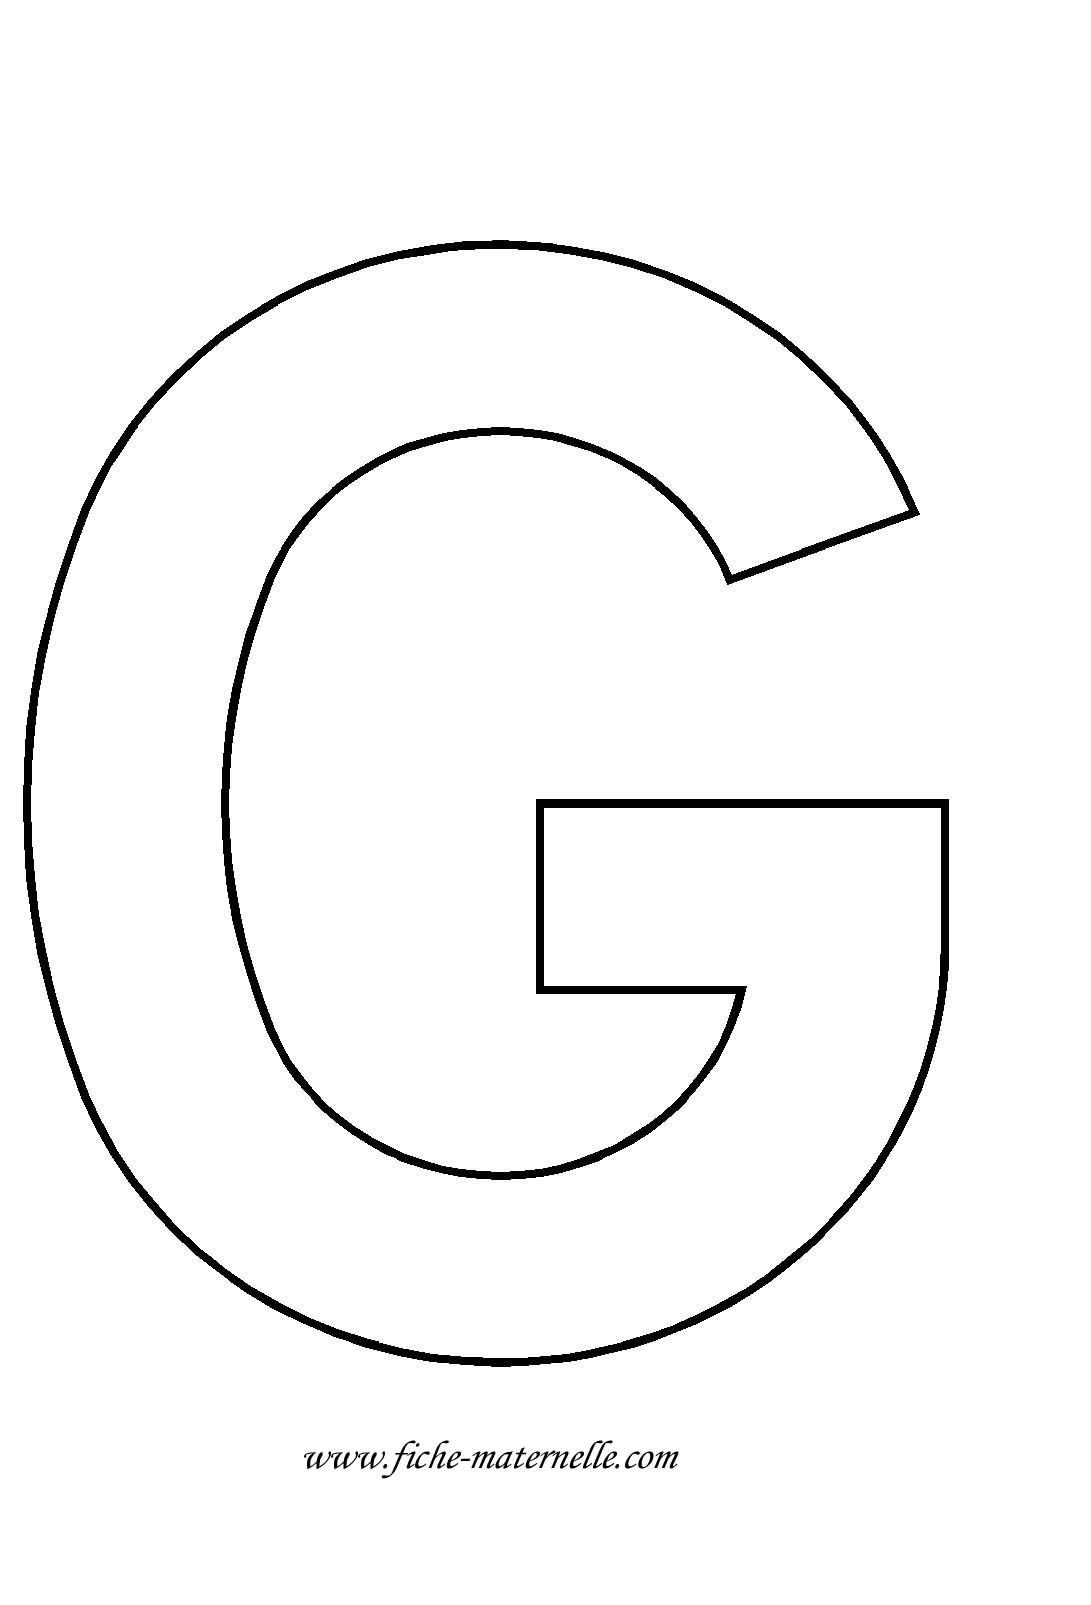 Lettre de l 39 alphabet d corer lettre g - Grande lettre alphabet a imprimer ...